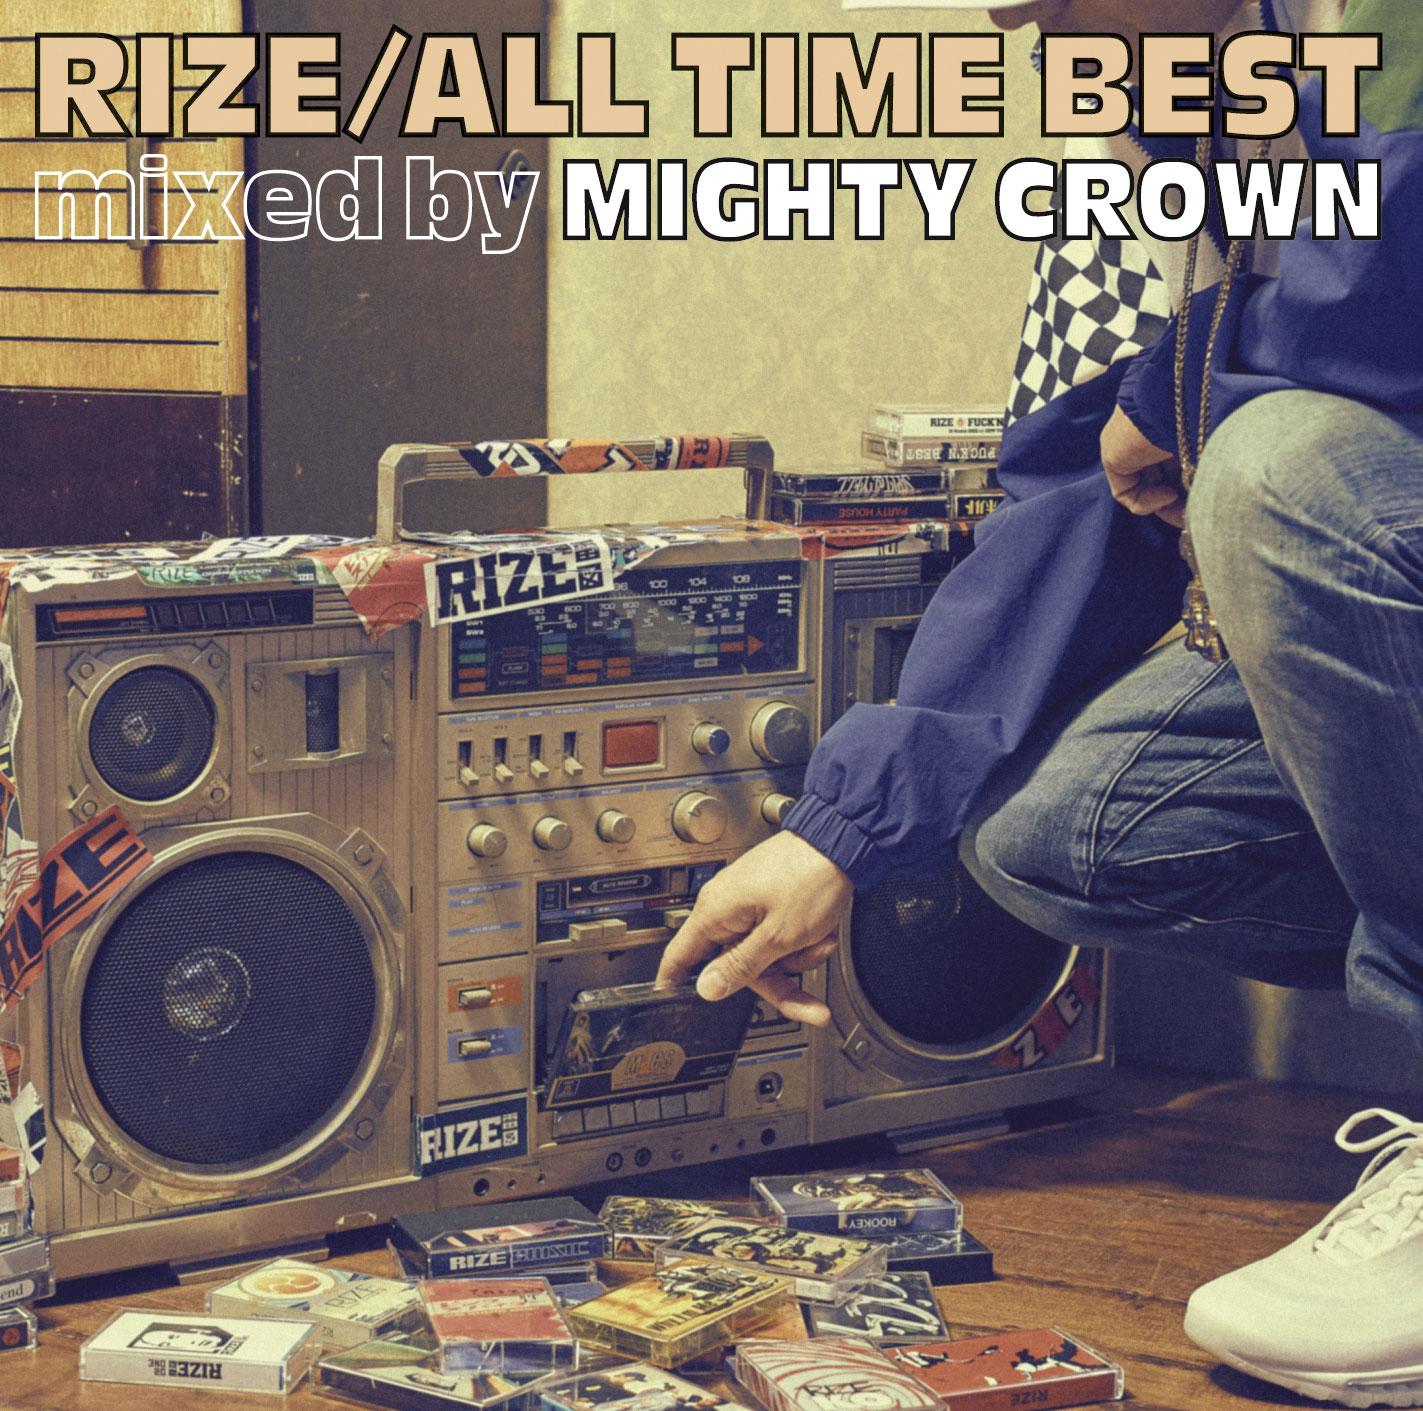 アルバム『ALL TIME BEST mixed by MIGHTY CROWN』【通常盤】